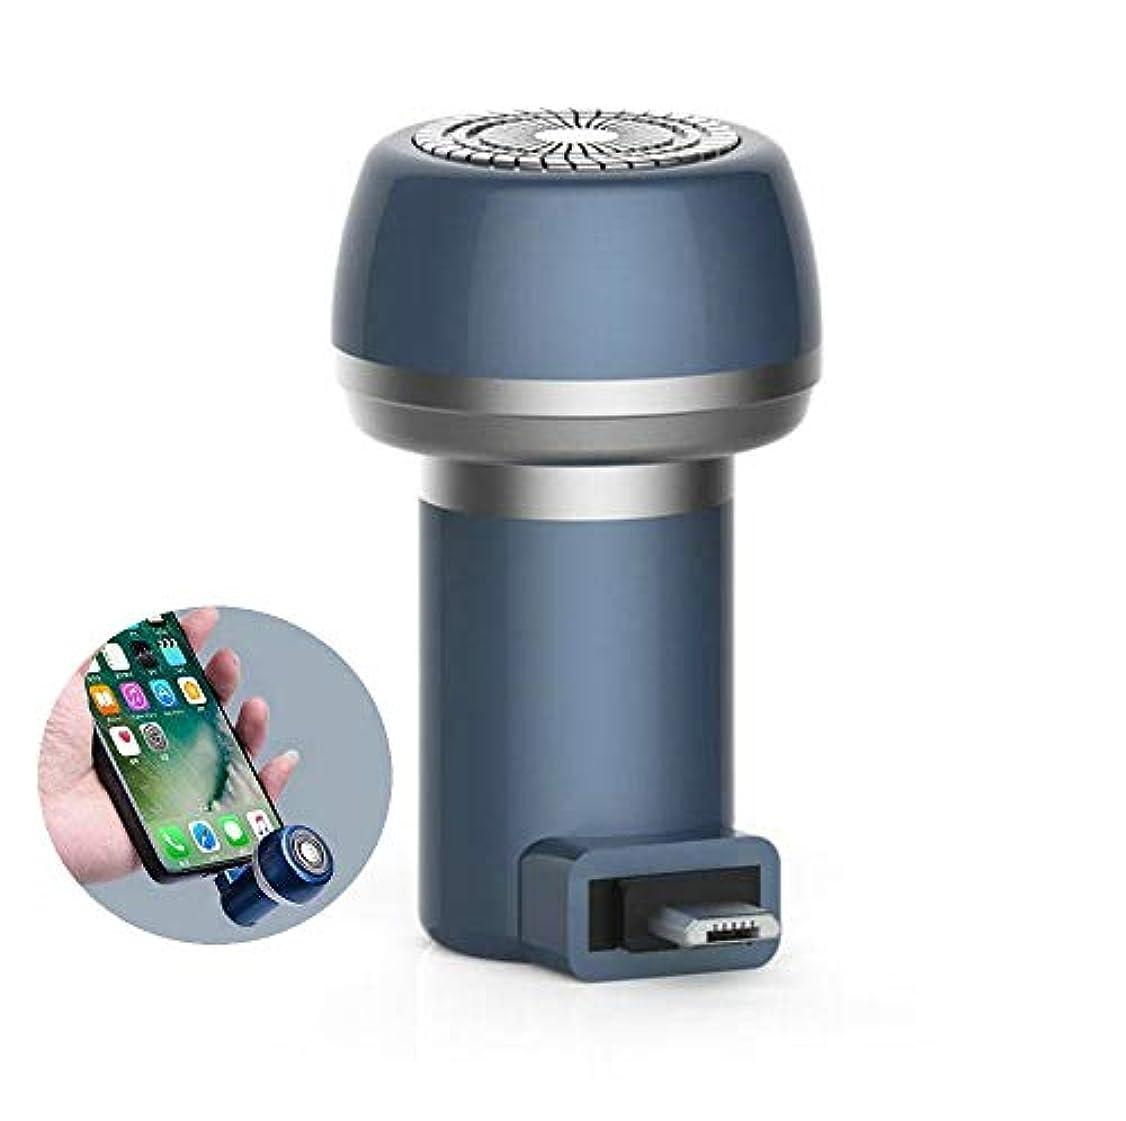 港アレルギー性ファントムXAHWL ミニ シェーバー 携帯電話 Micro/Type-c/USB+Micro 脱毛器